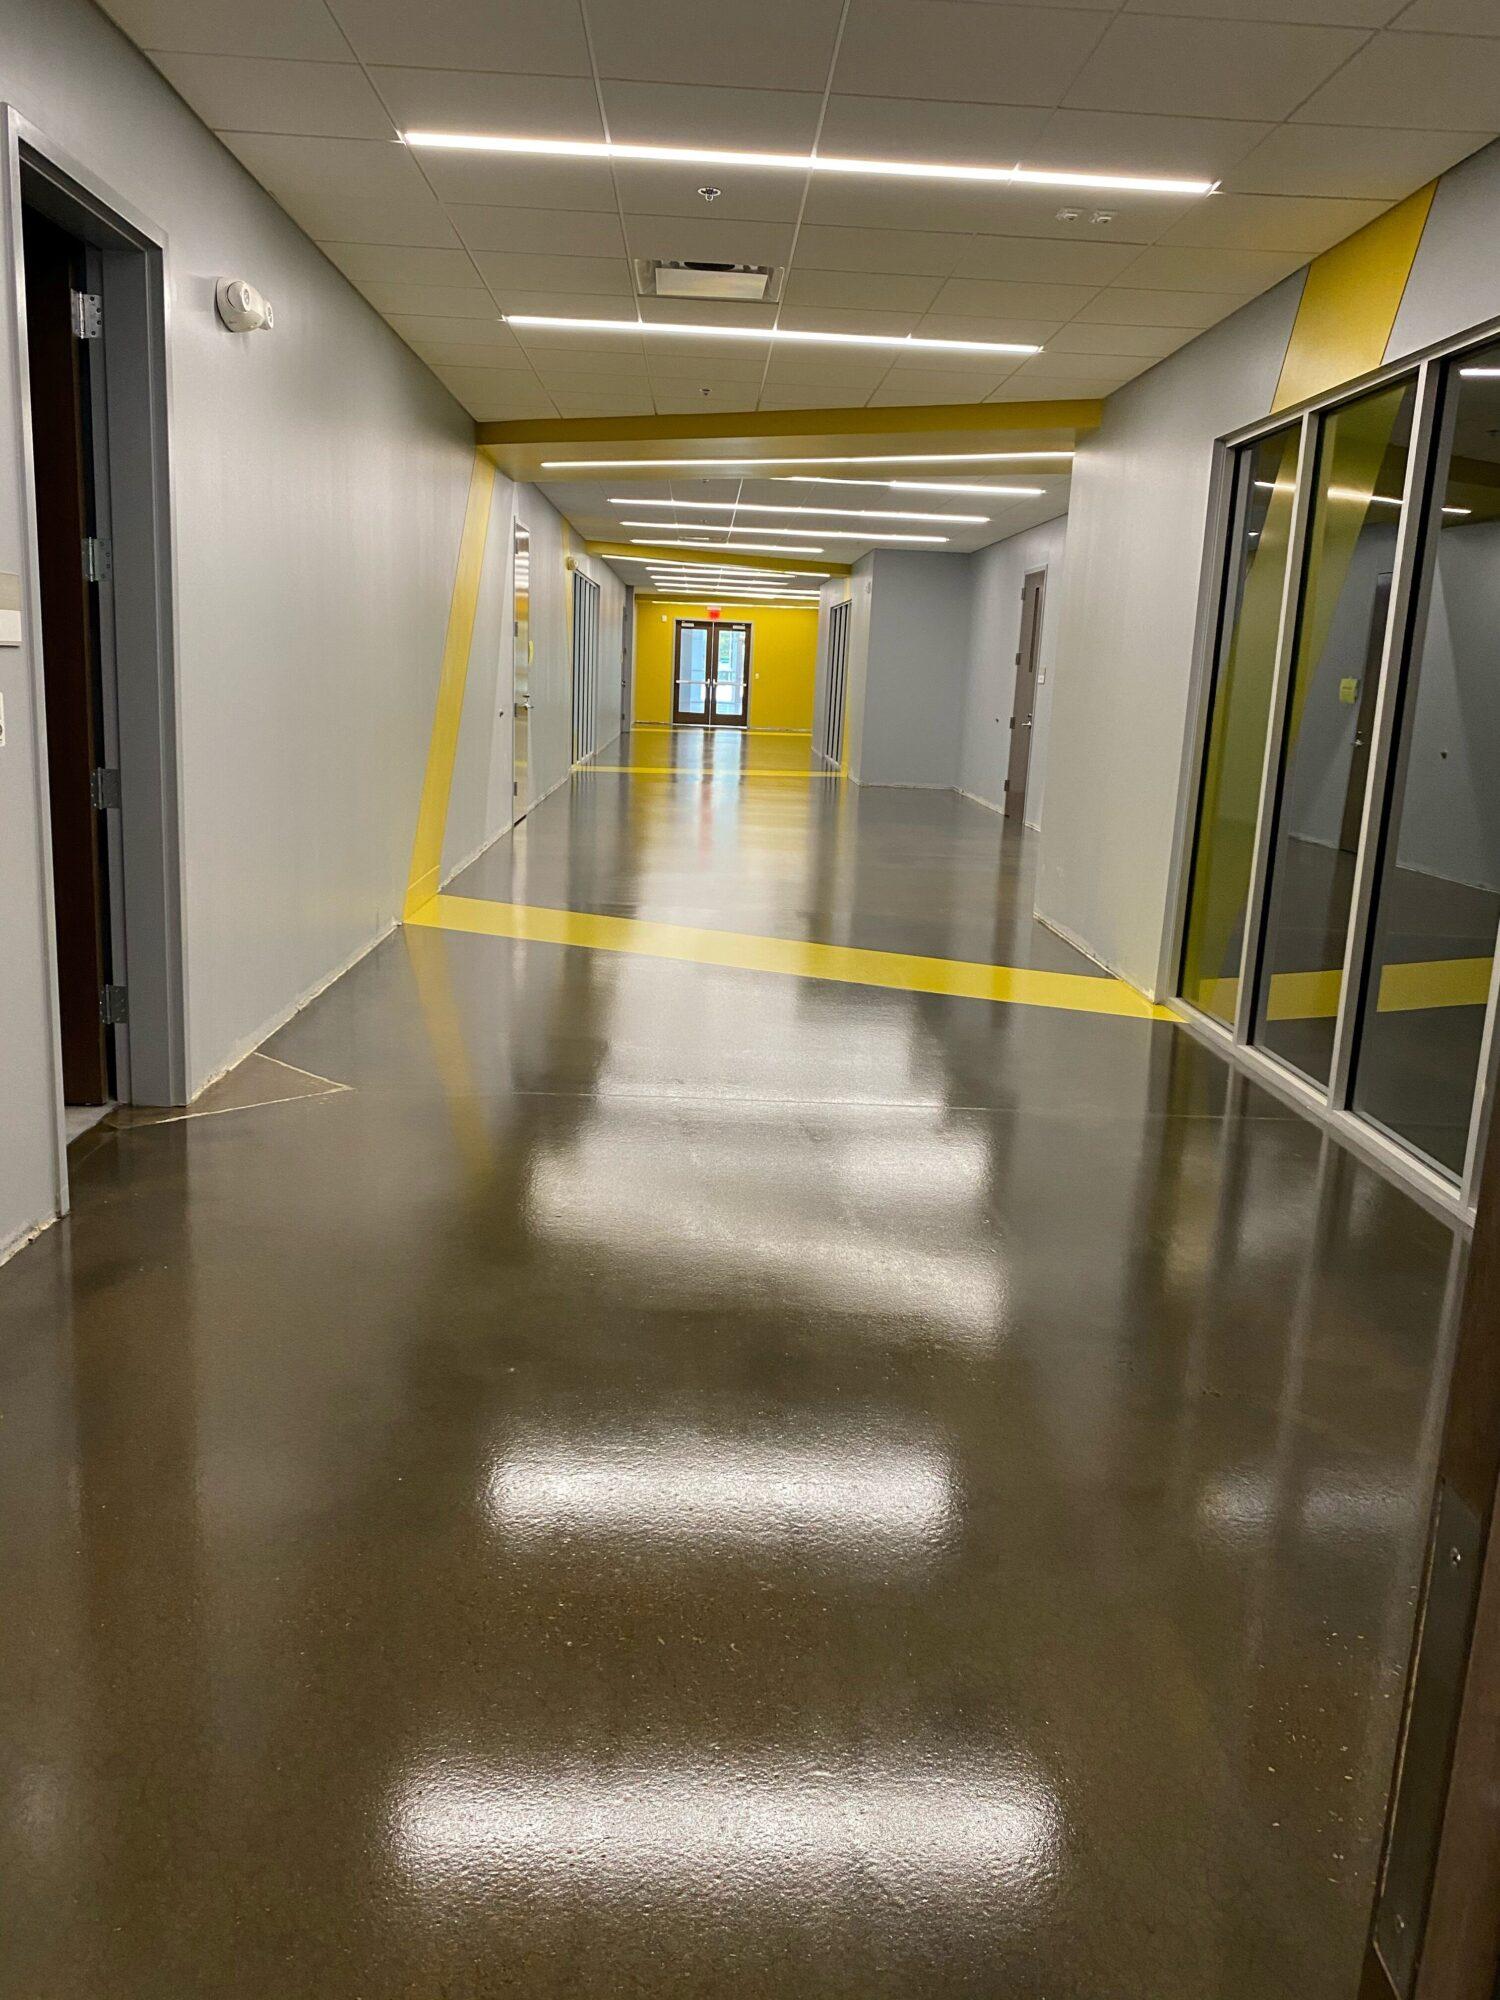 Concrete floor coatings, epoxy floor coatings, epoxy coatings, Industrial Applications Inc, TeamIA, epoxy floor coating, educational center flooring, educational epoxy flooring